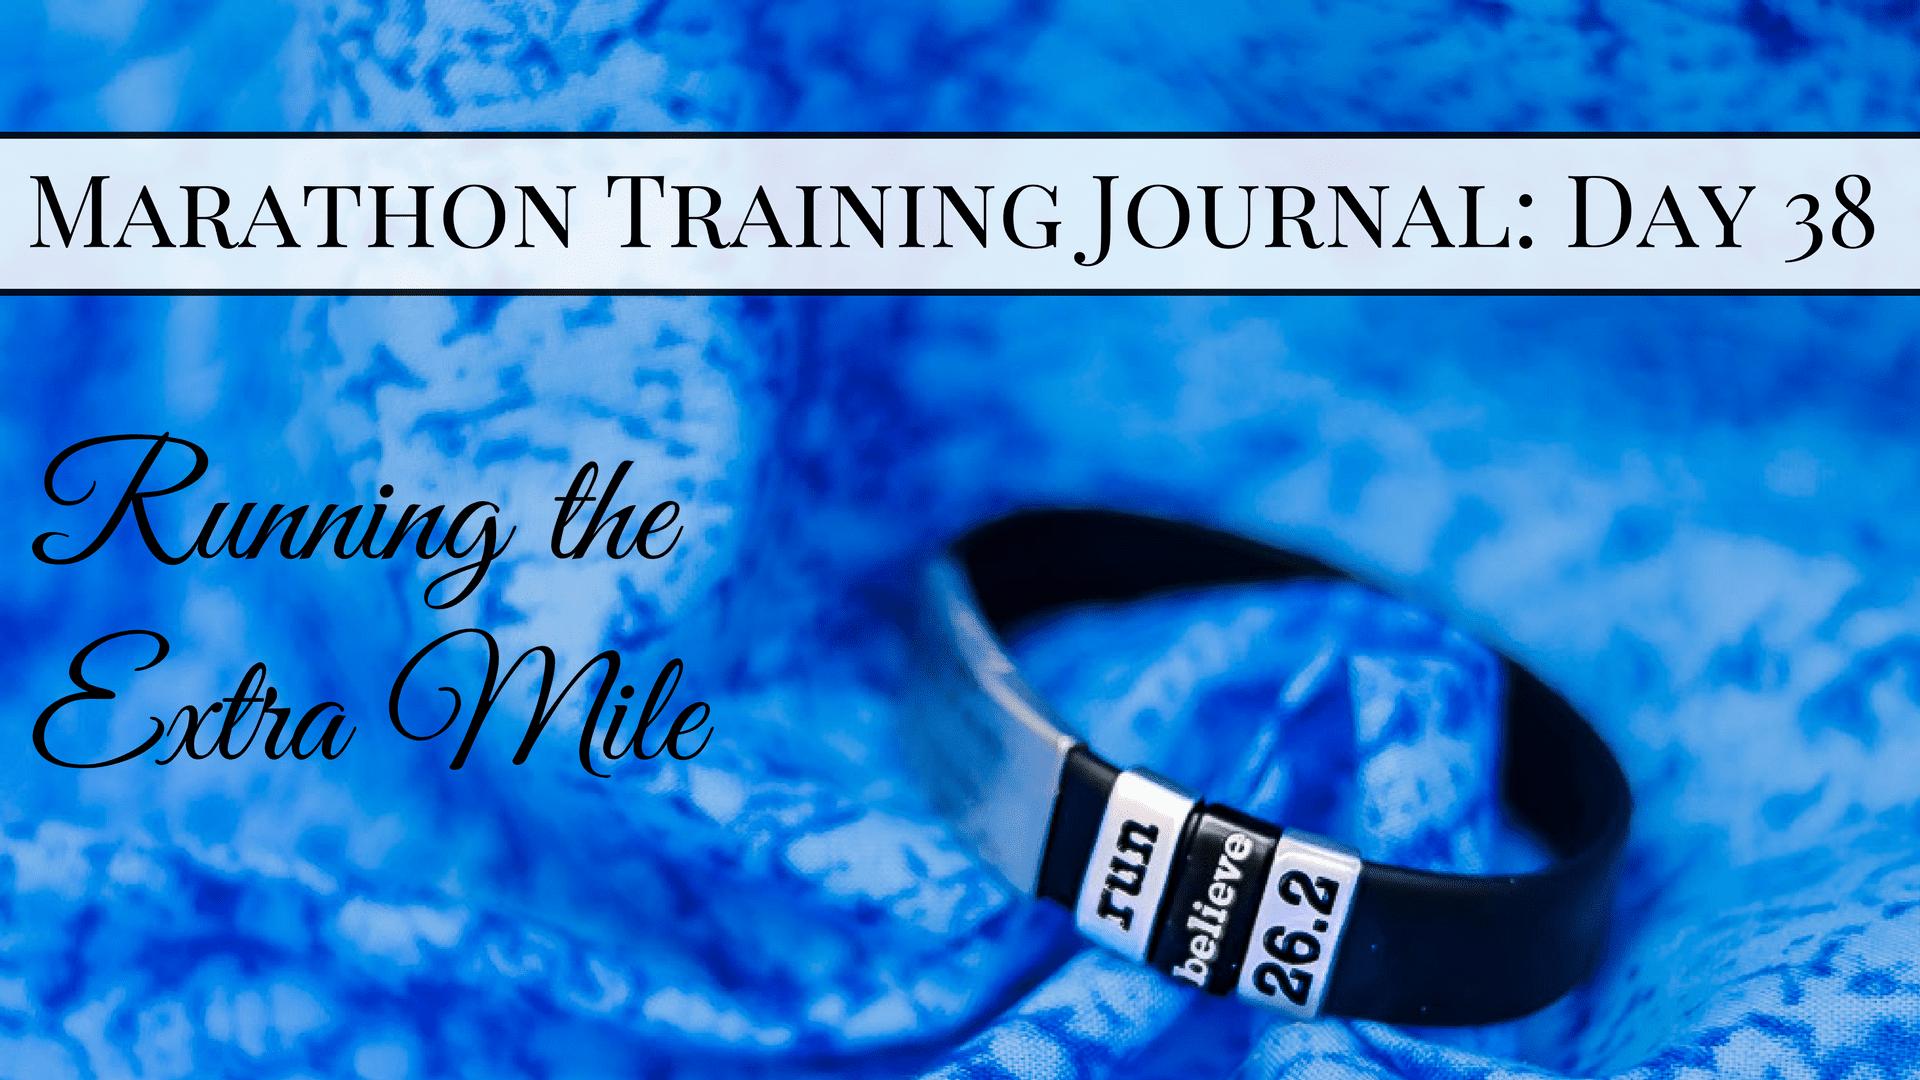 Marathon Trainin Journal- Day 38 (1)